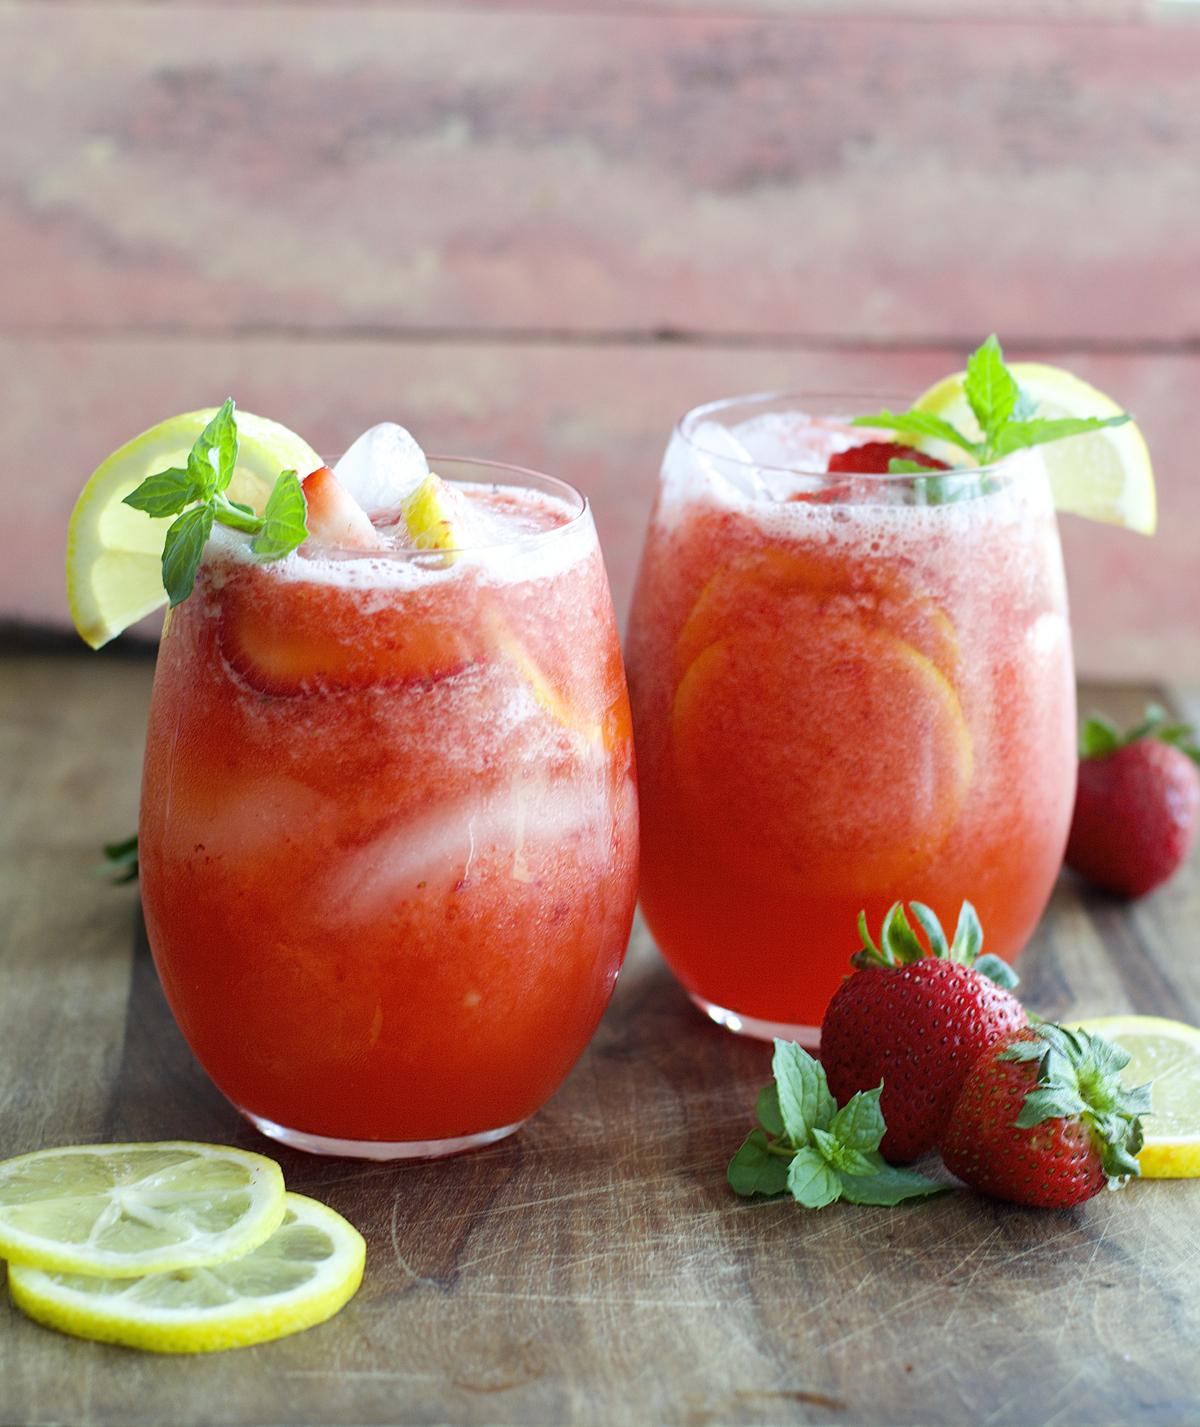 two glasses of blended strawberry lemonade